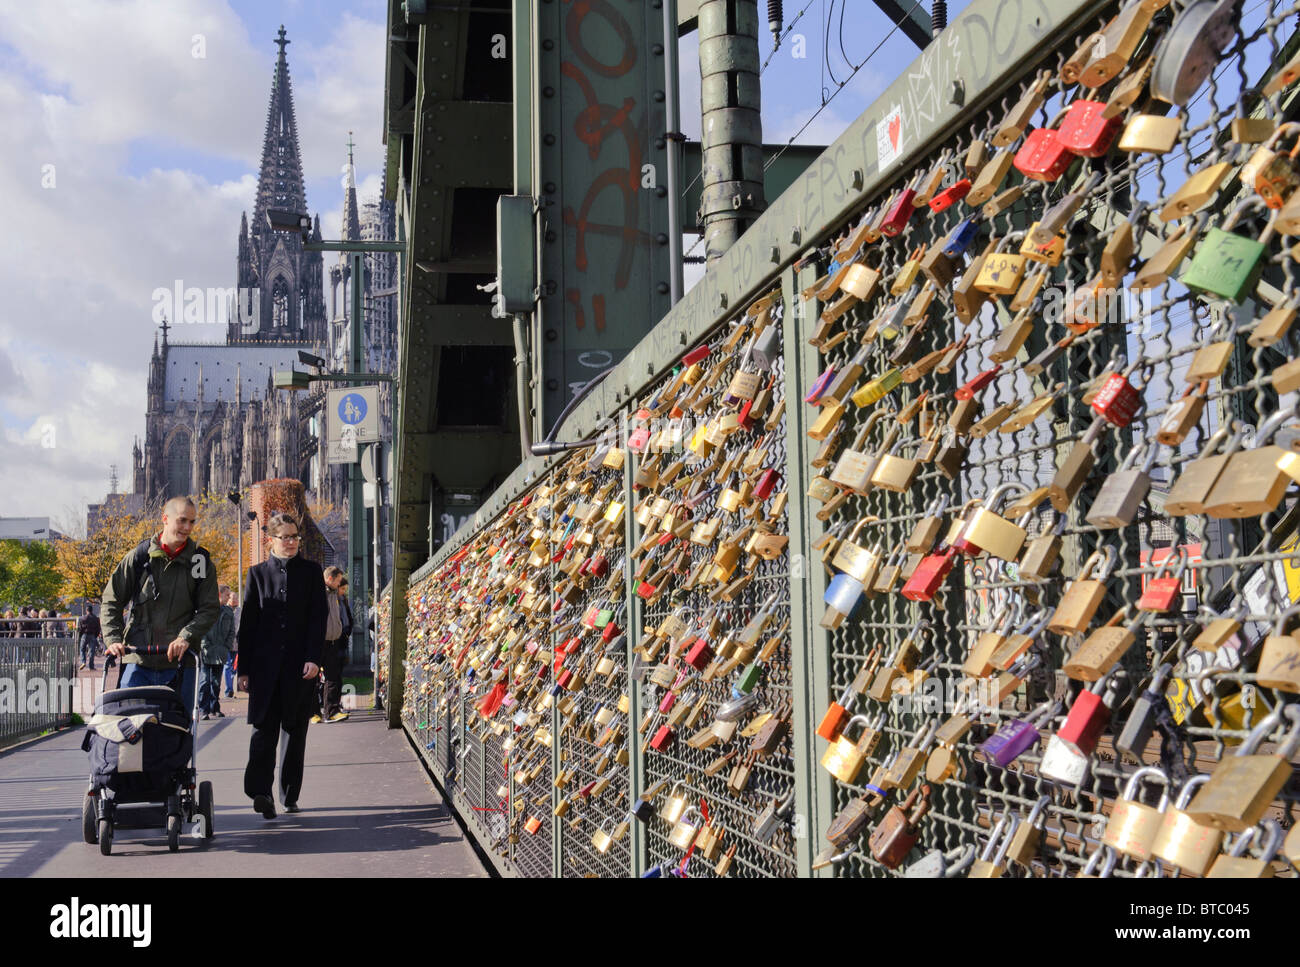 Liebesschlösser auf der Hohenzollernbrücke in Köln Stockbild